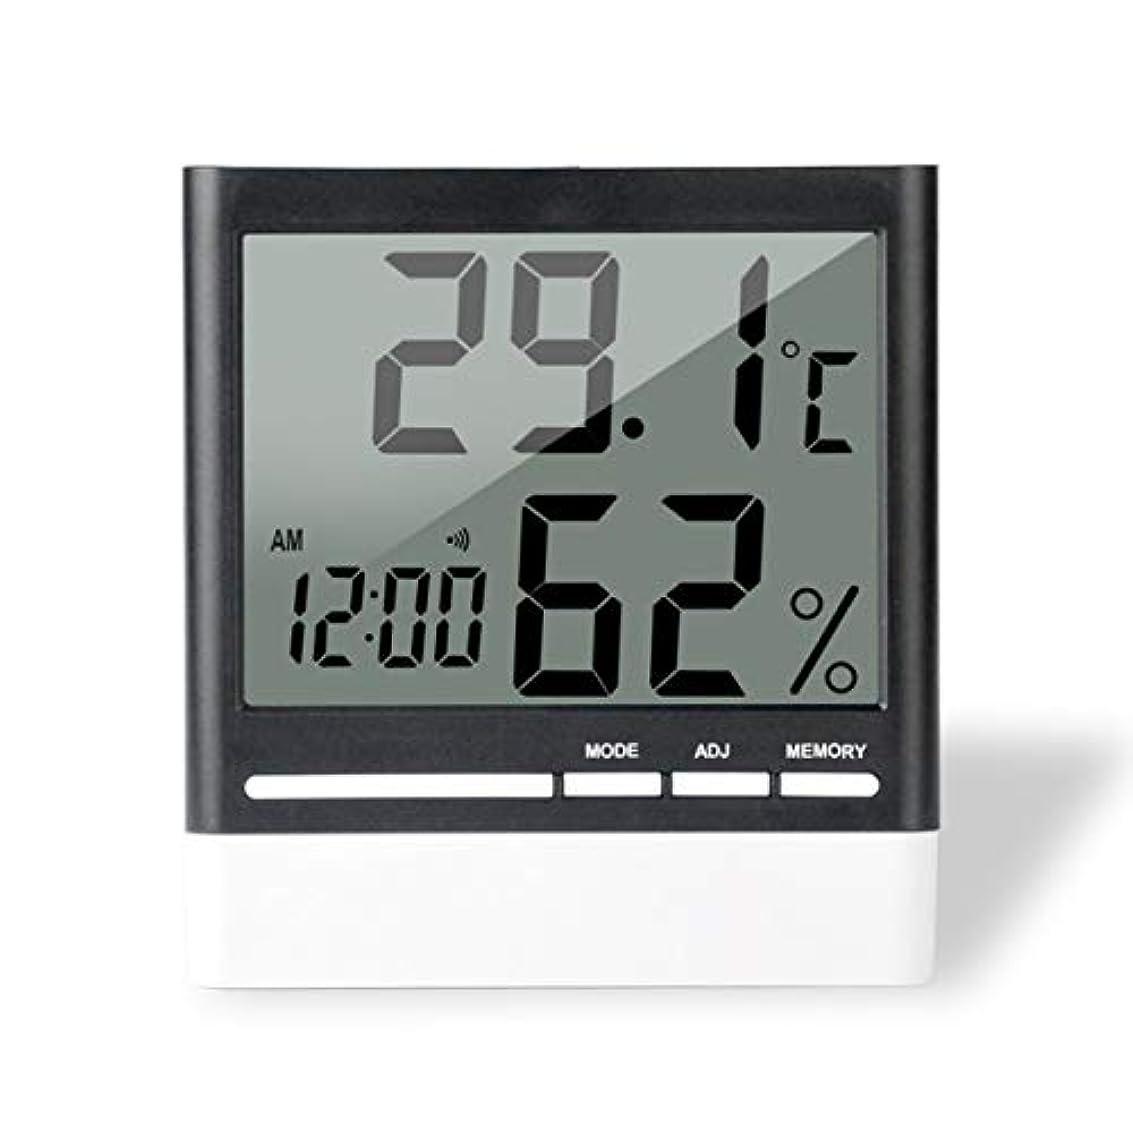 ヒューズ補体独裁者Saikogoods 電子体温計湿度計 デジタルディスプレイ 温度湿度モニター アラーム時計 屋内家庭用 ブラック